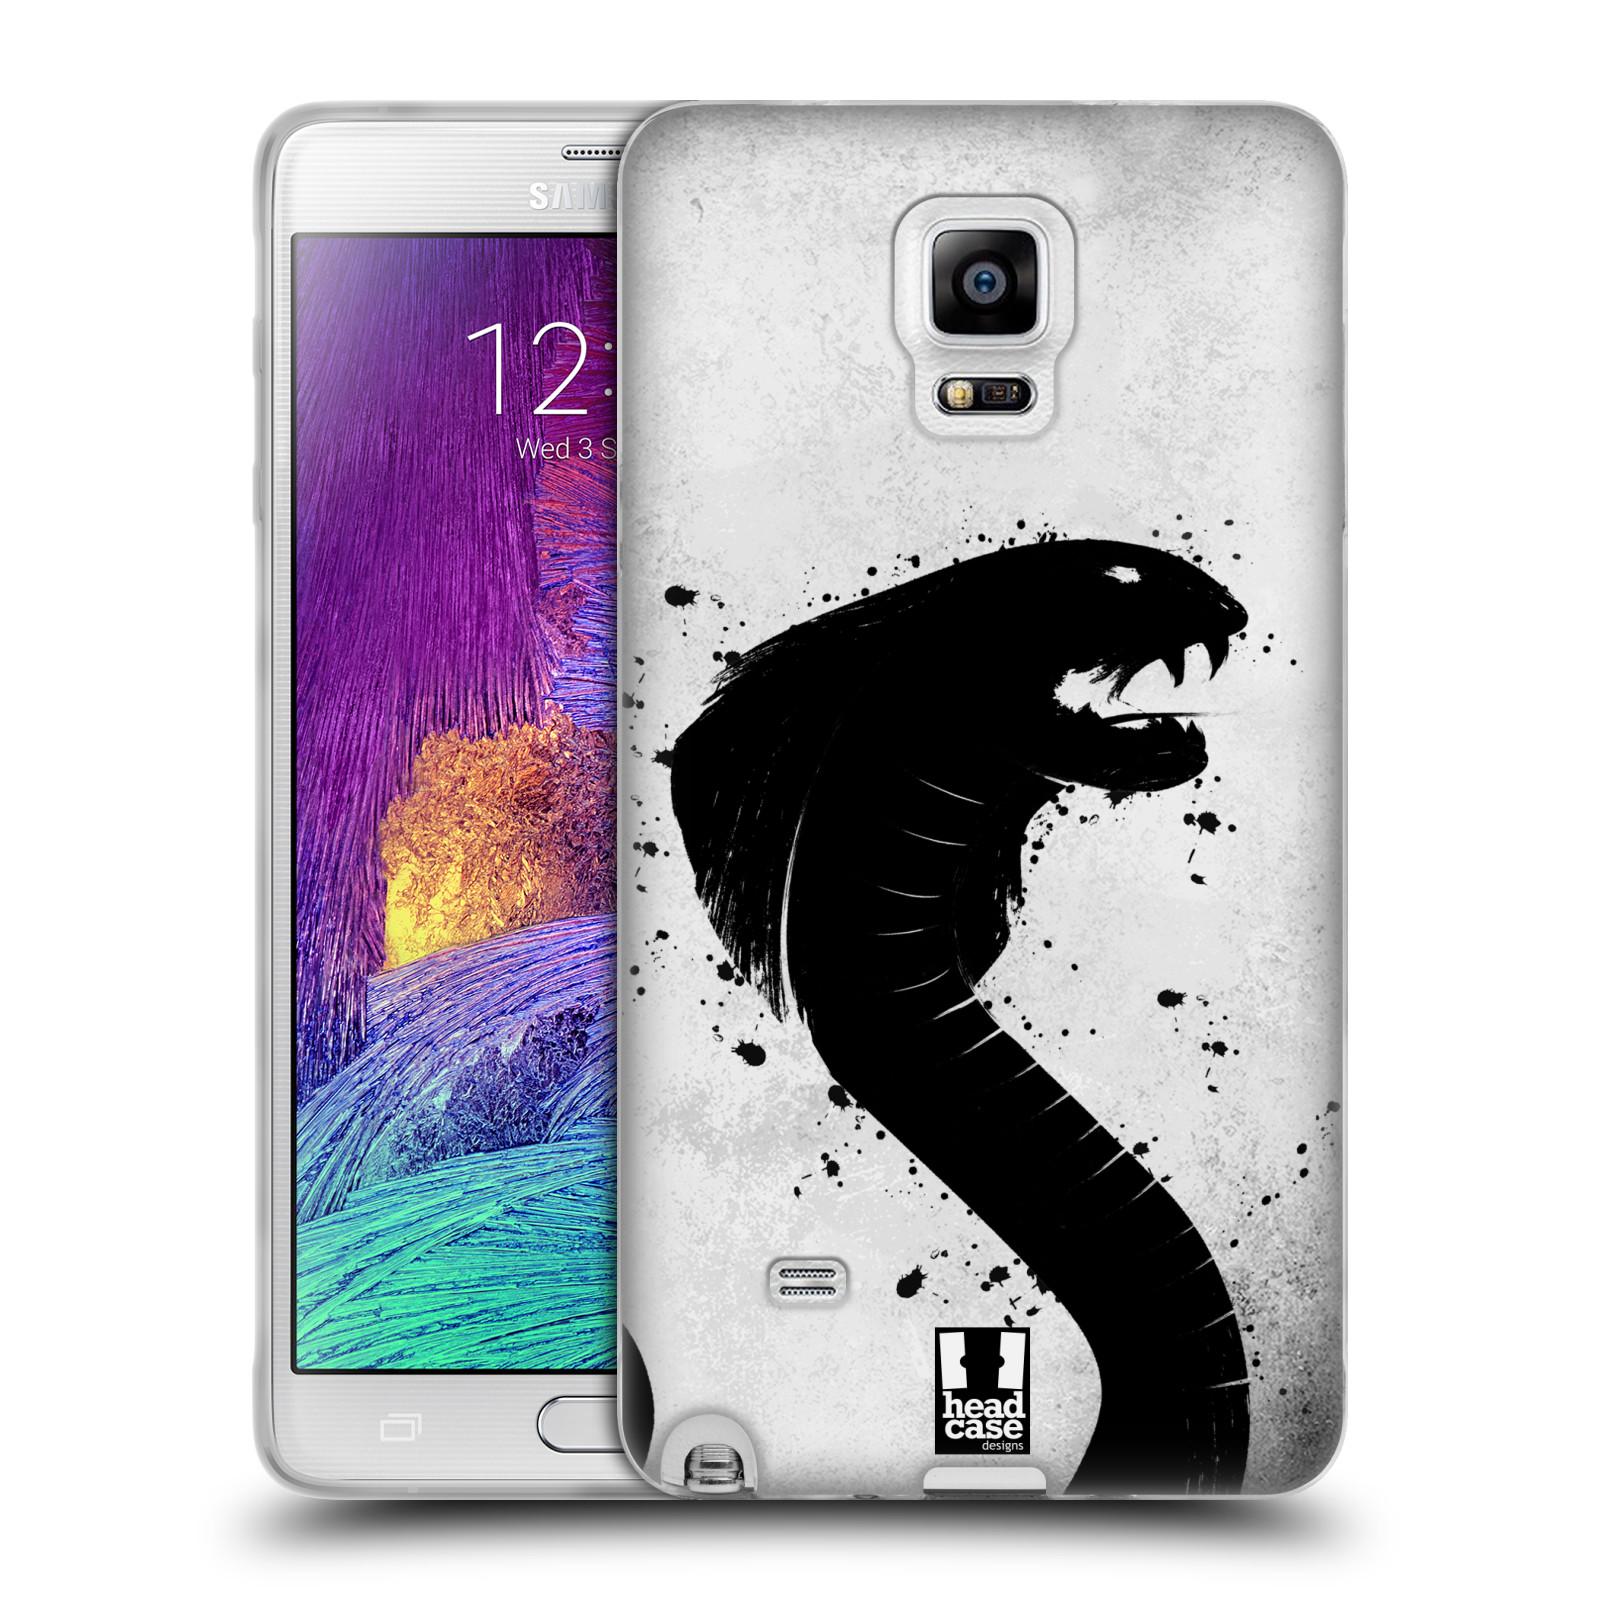 HEAD CASE silikonový obal na mobil Samsung Galaxy Note 4 (N910) vzor Kresba tuš zvíře had kobra